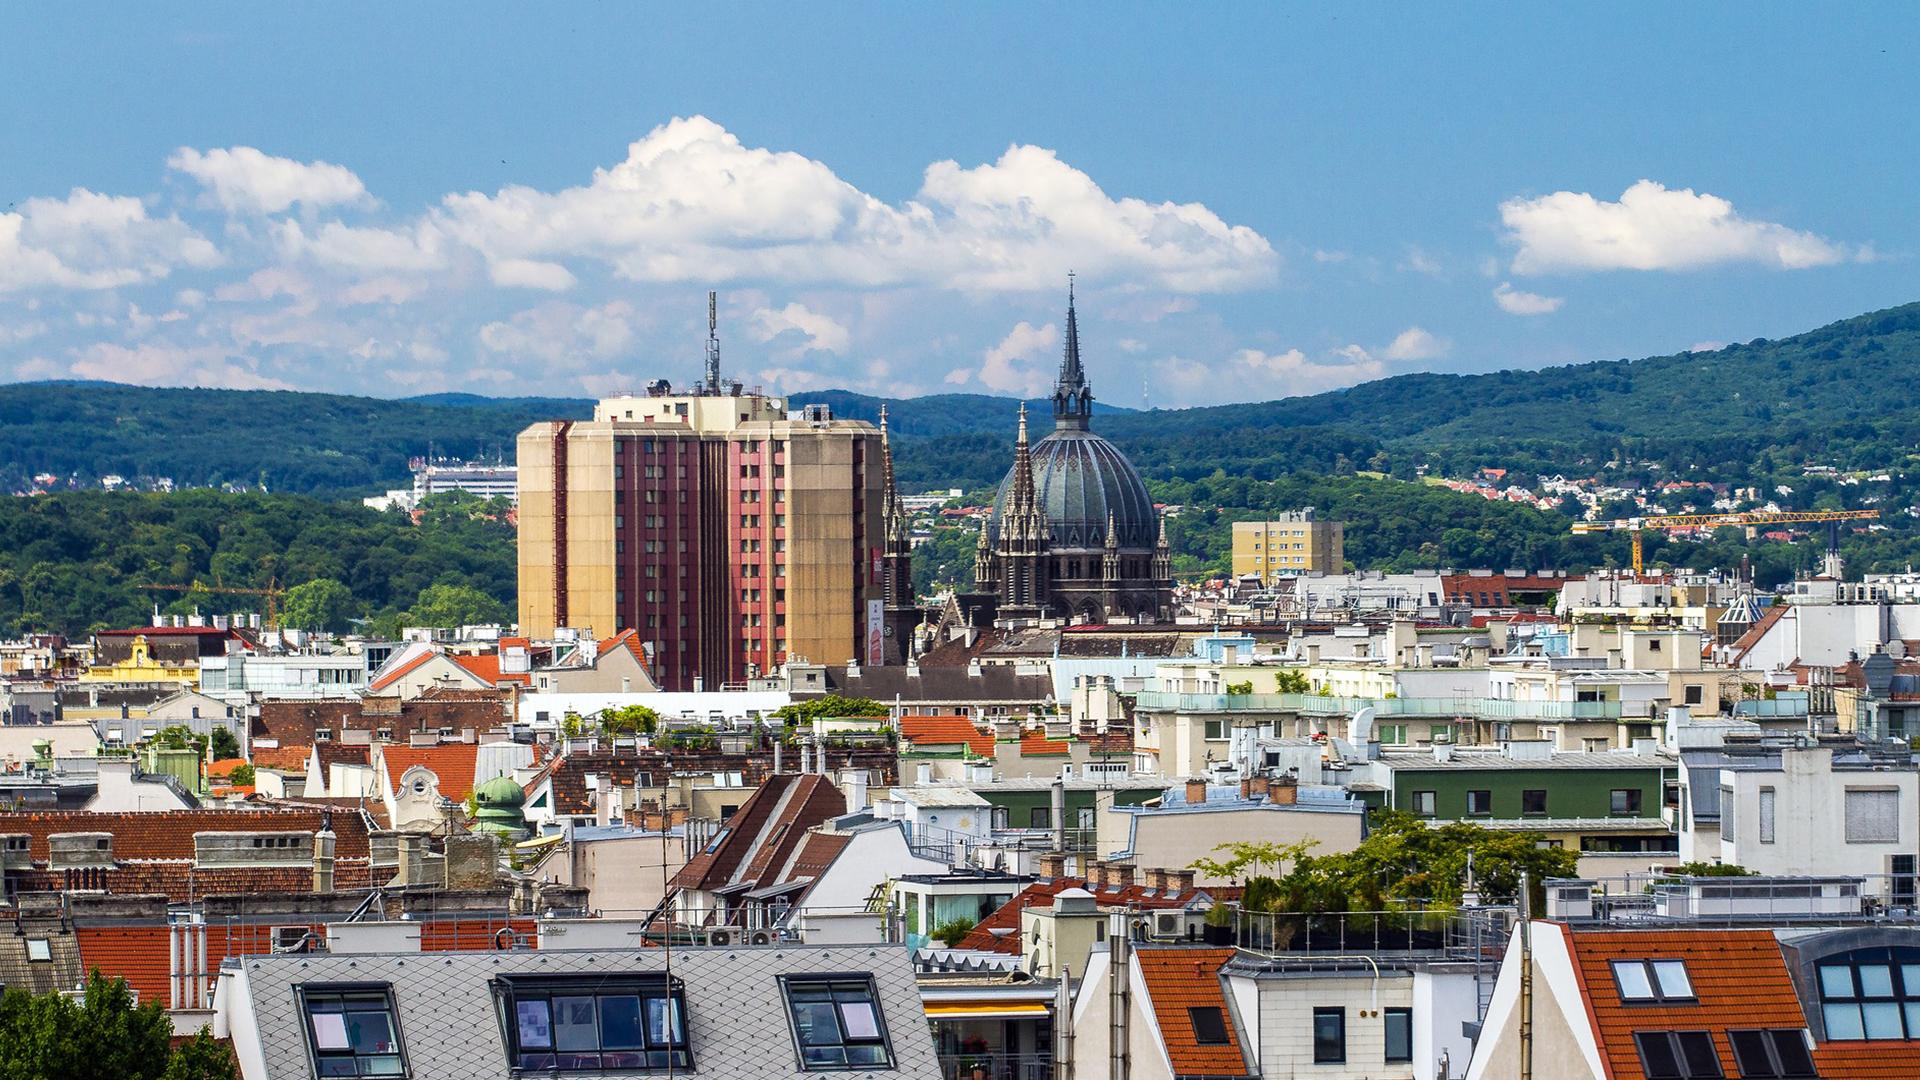 Stadtansicht von Wien der Hauptstadt von Österreich - Bei Auswanderern sehr beliebt